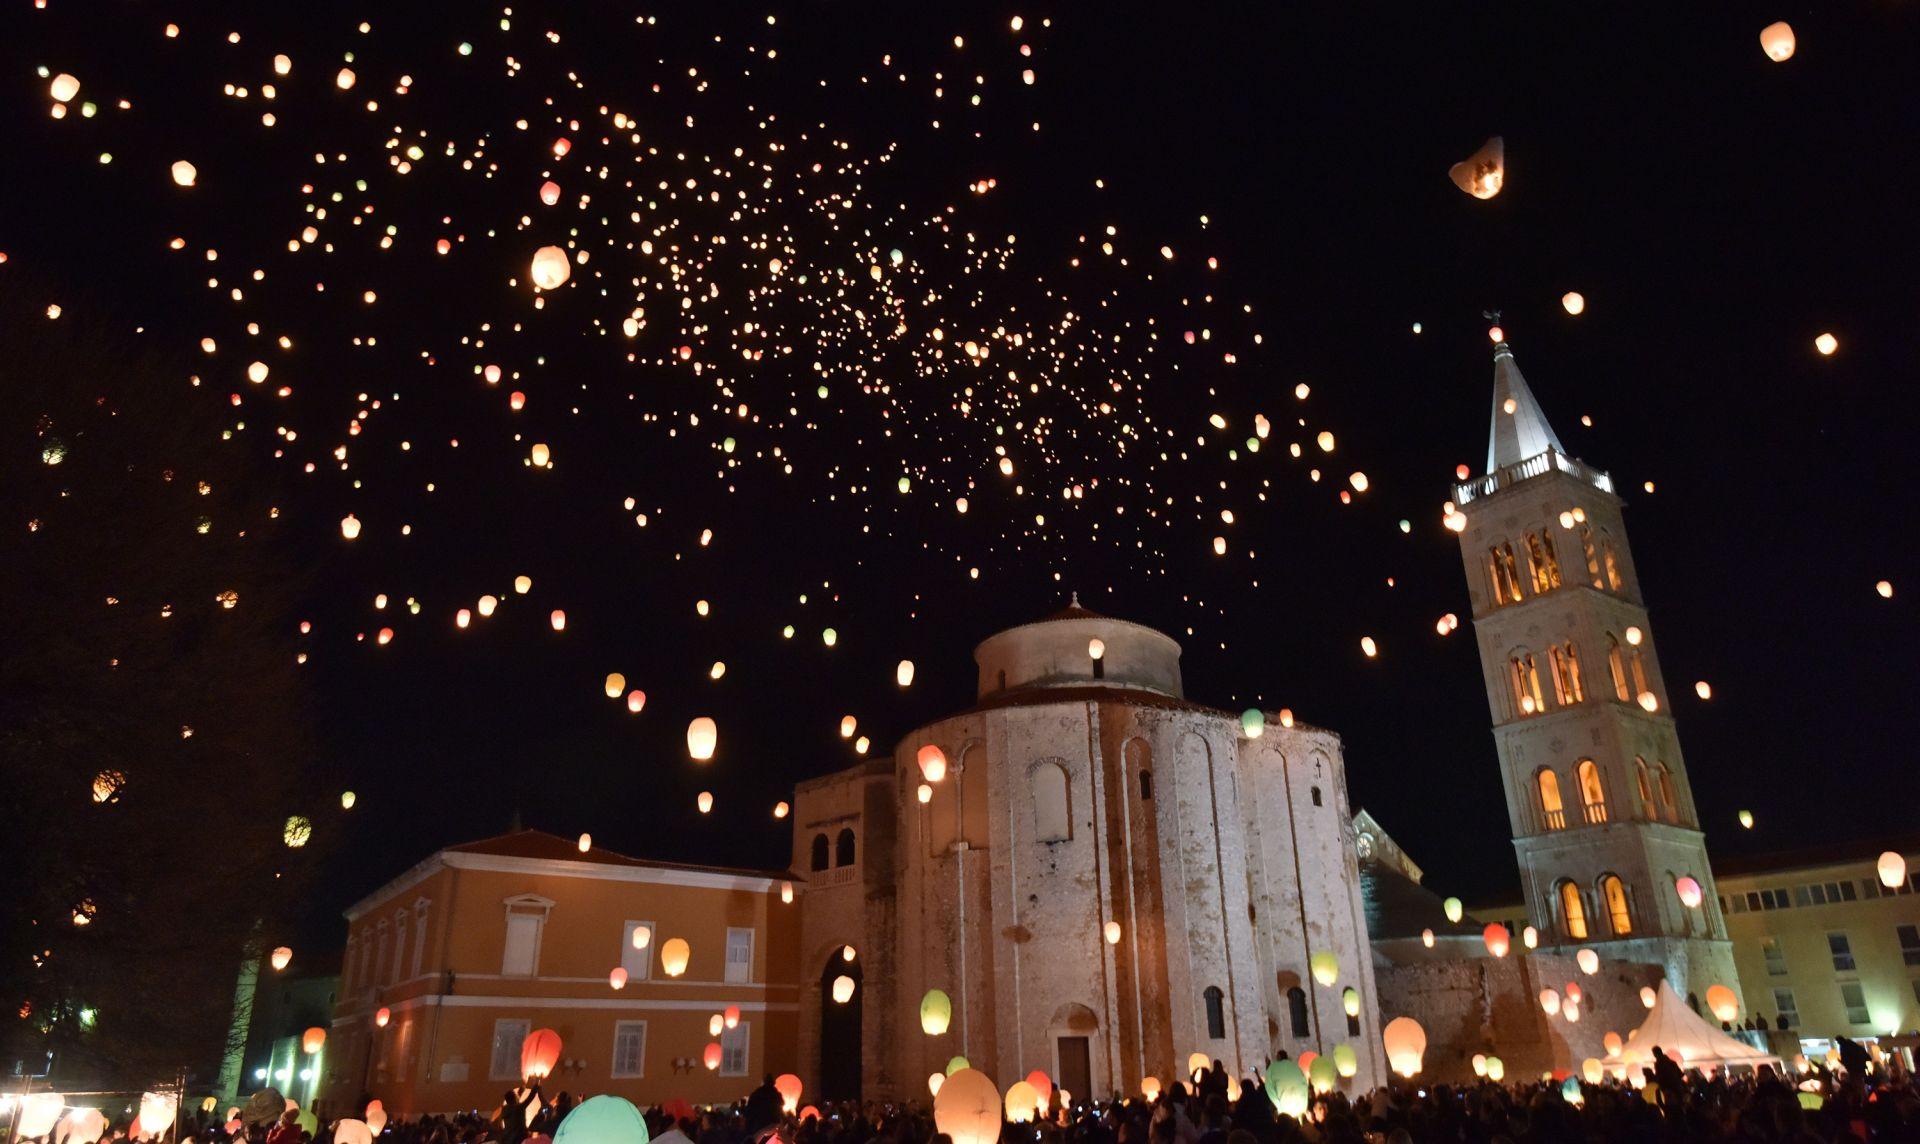 FOTO: BAJKOVITI PRIZORI IZ ZADRA Tisuće lampiona poletjelo nad Forumom